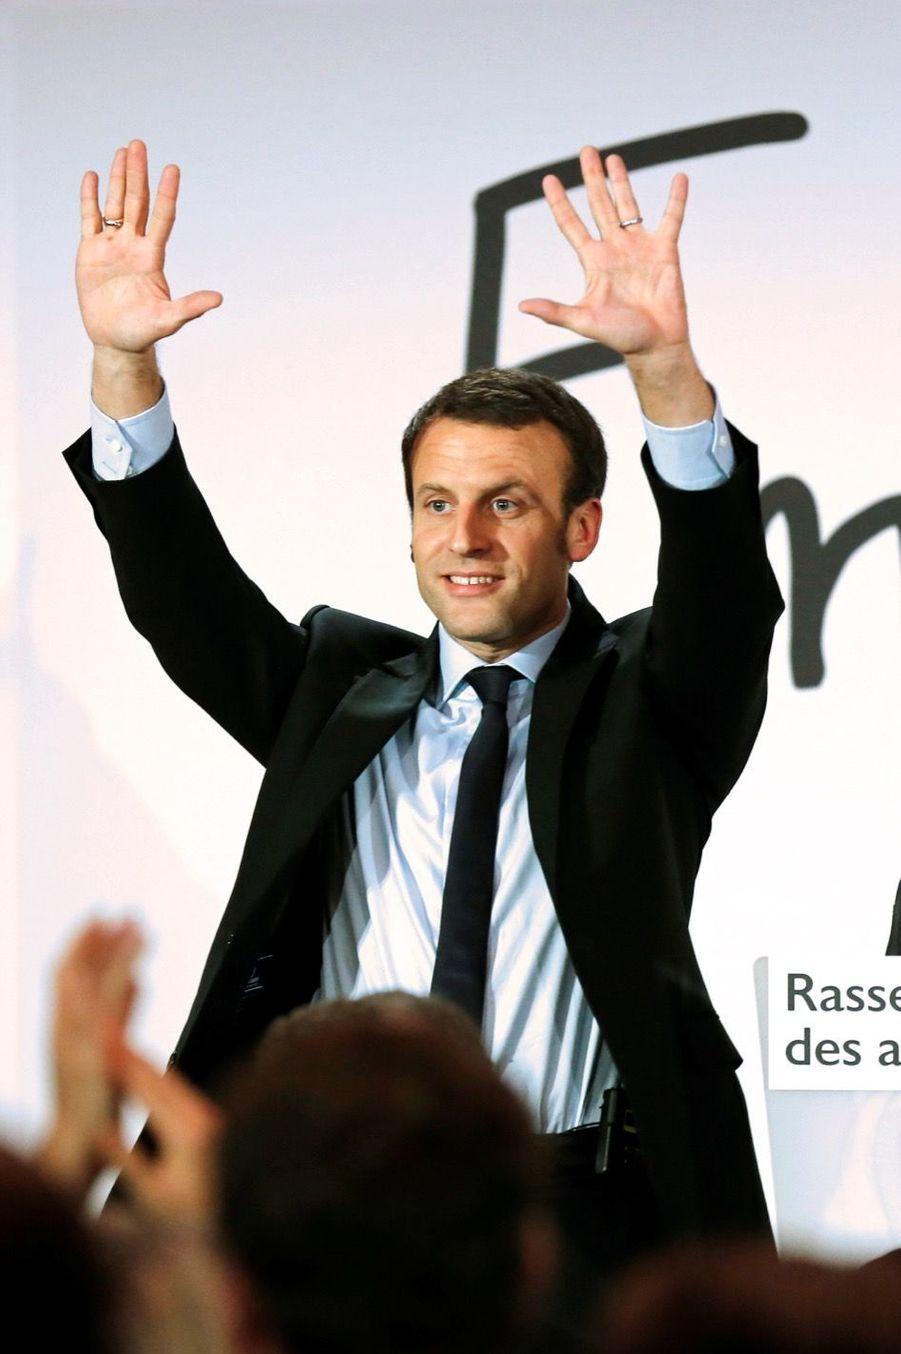 Macron réunit ses troupes et montre ses muscles